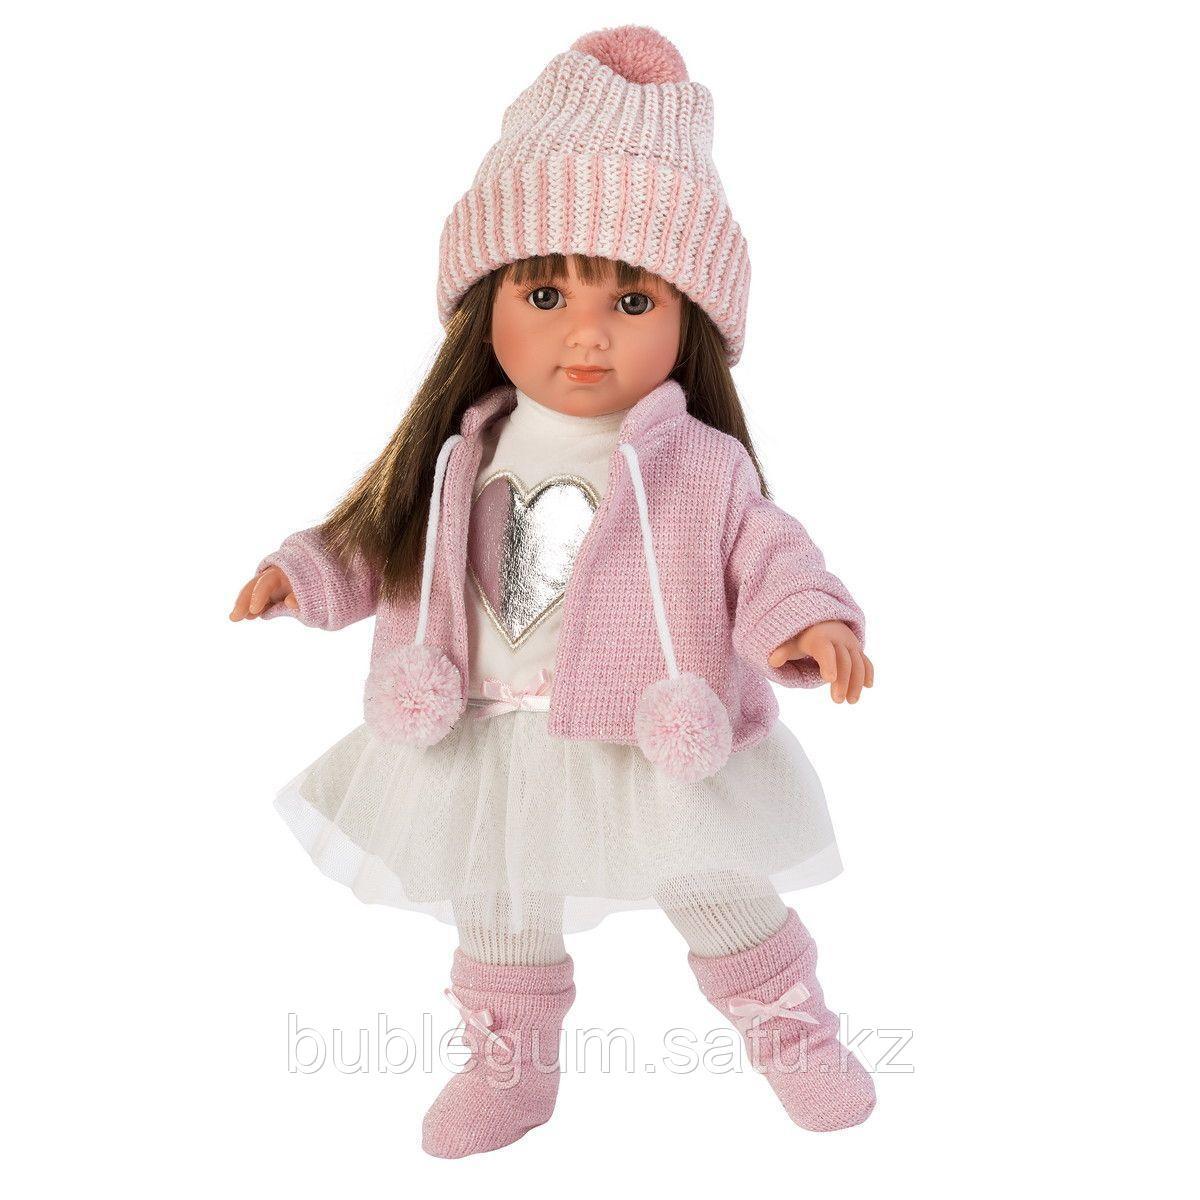 LLORENS:Кукла Сара 35см, шатенка в розовом жакете и белой кружевной юбке